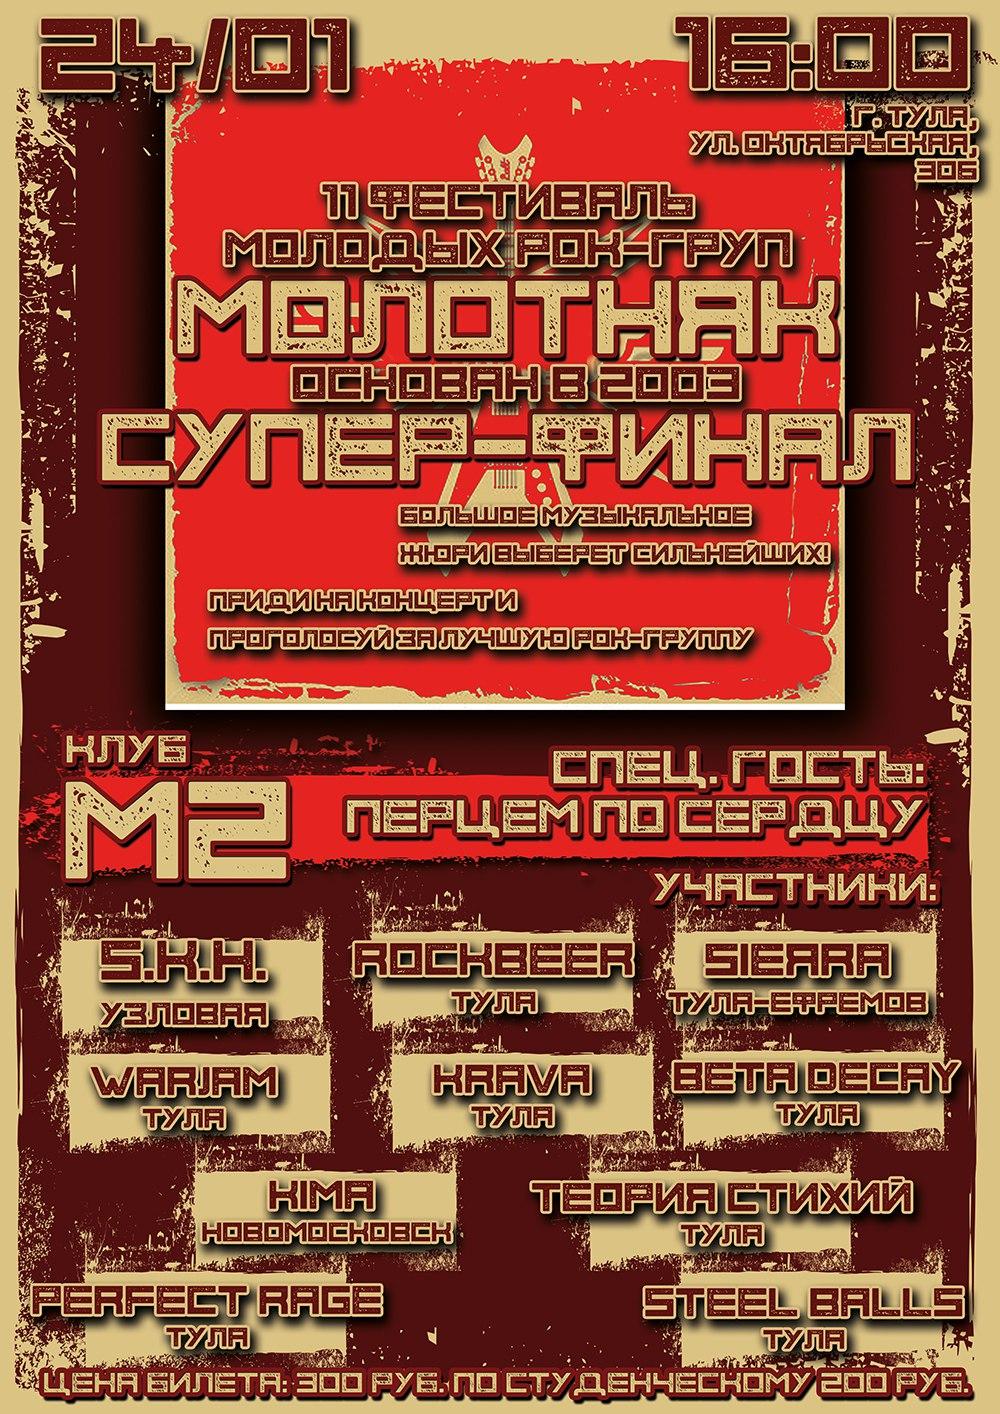 Выступление на 11-ом Тульском фестивале молодых групп «Молотняк»